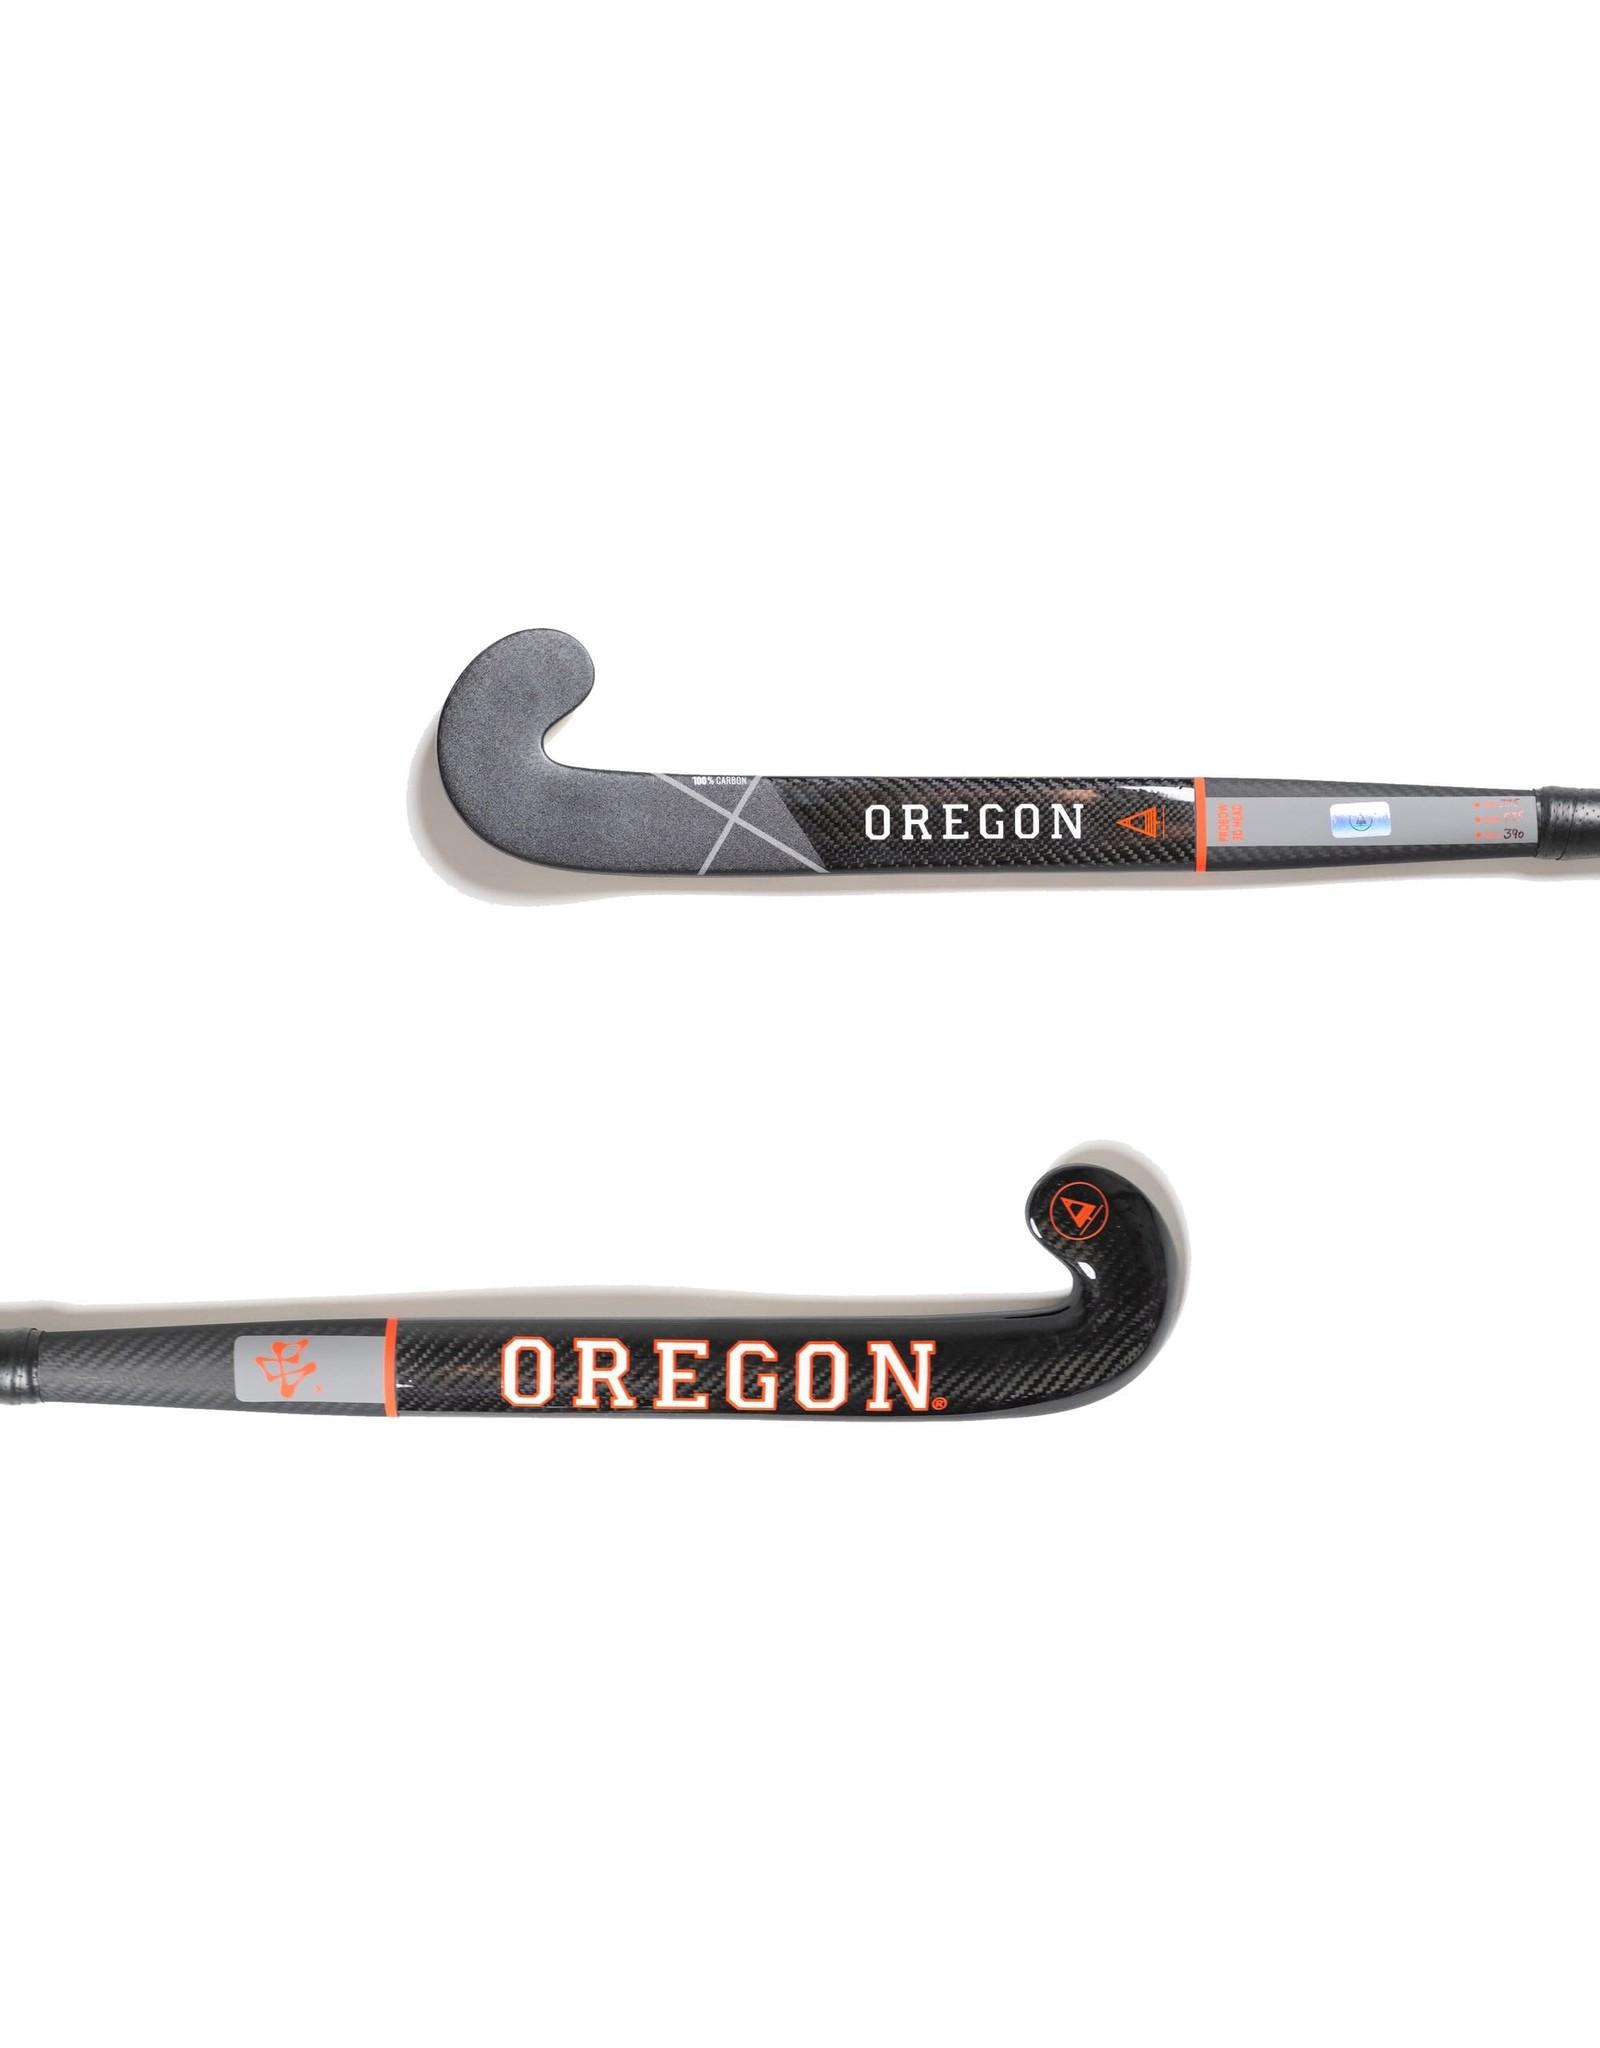 OREGON OREGON CARBON X PRO BOW 3D STICK 20-21 BLACK